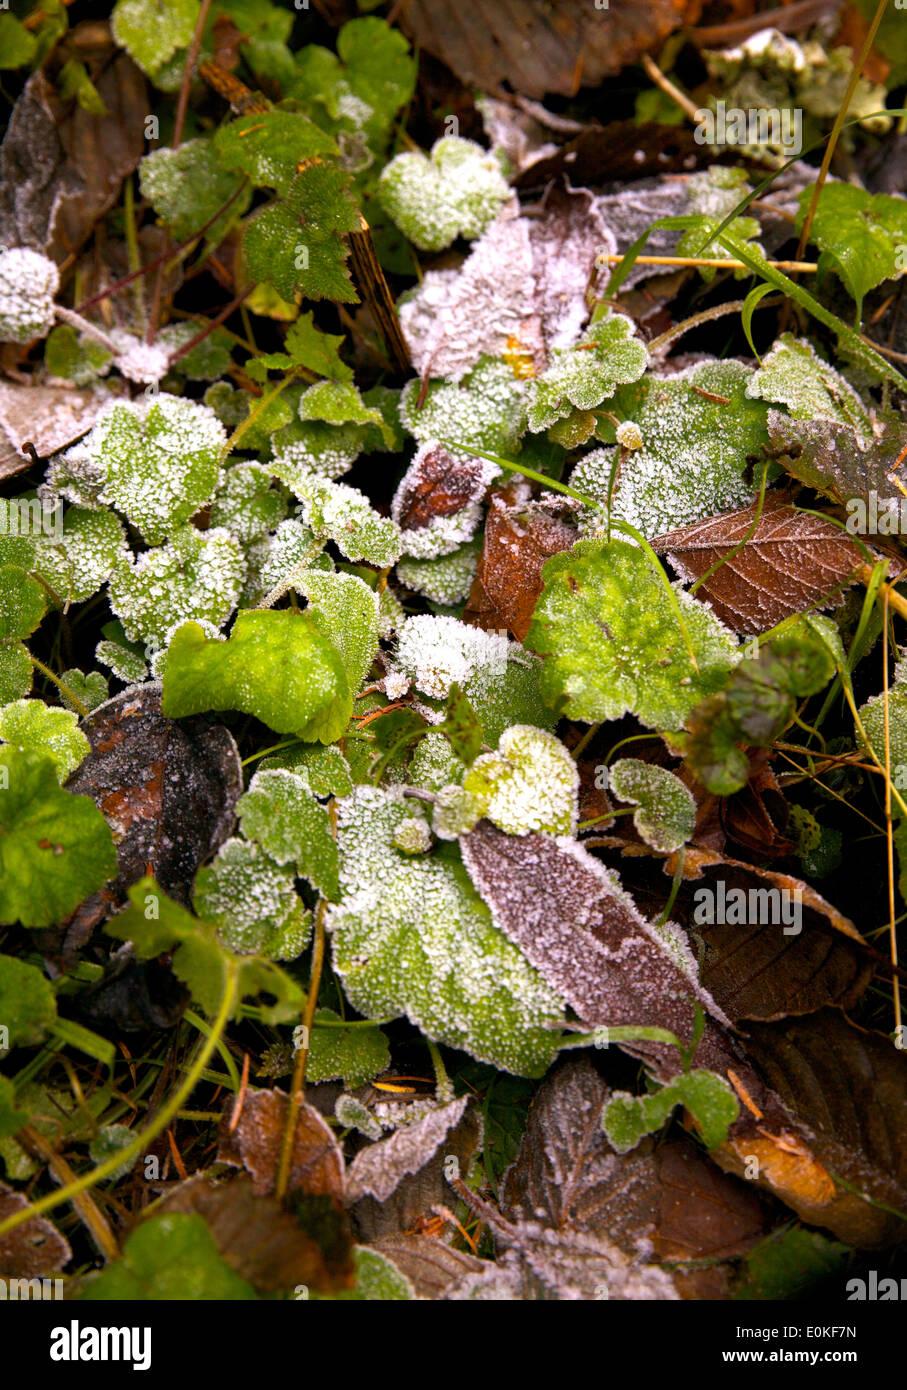 Un patch di brina sul verde e marrone lascia sul suolo della foresta. Foto Stock